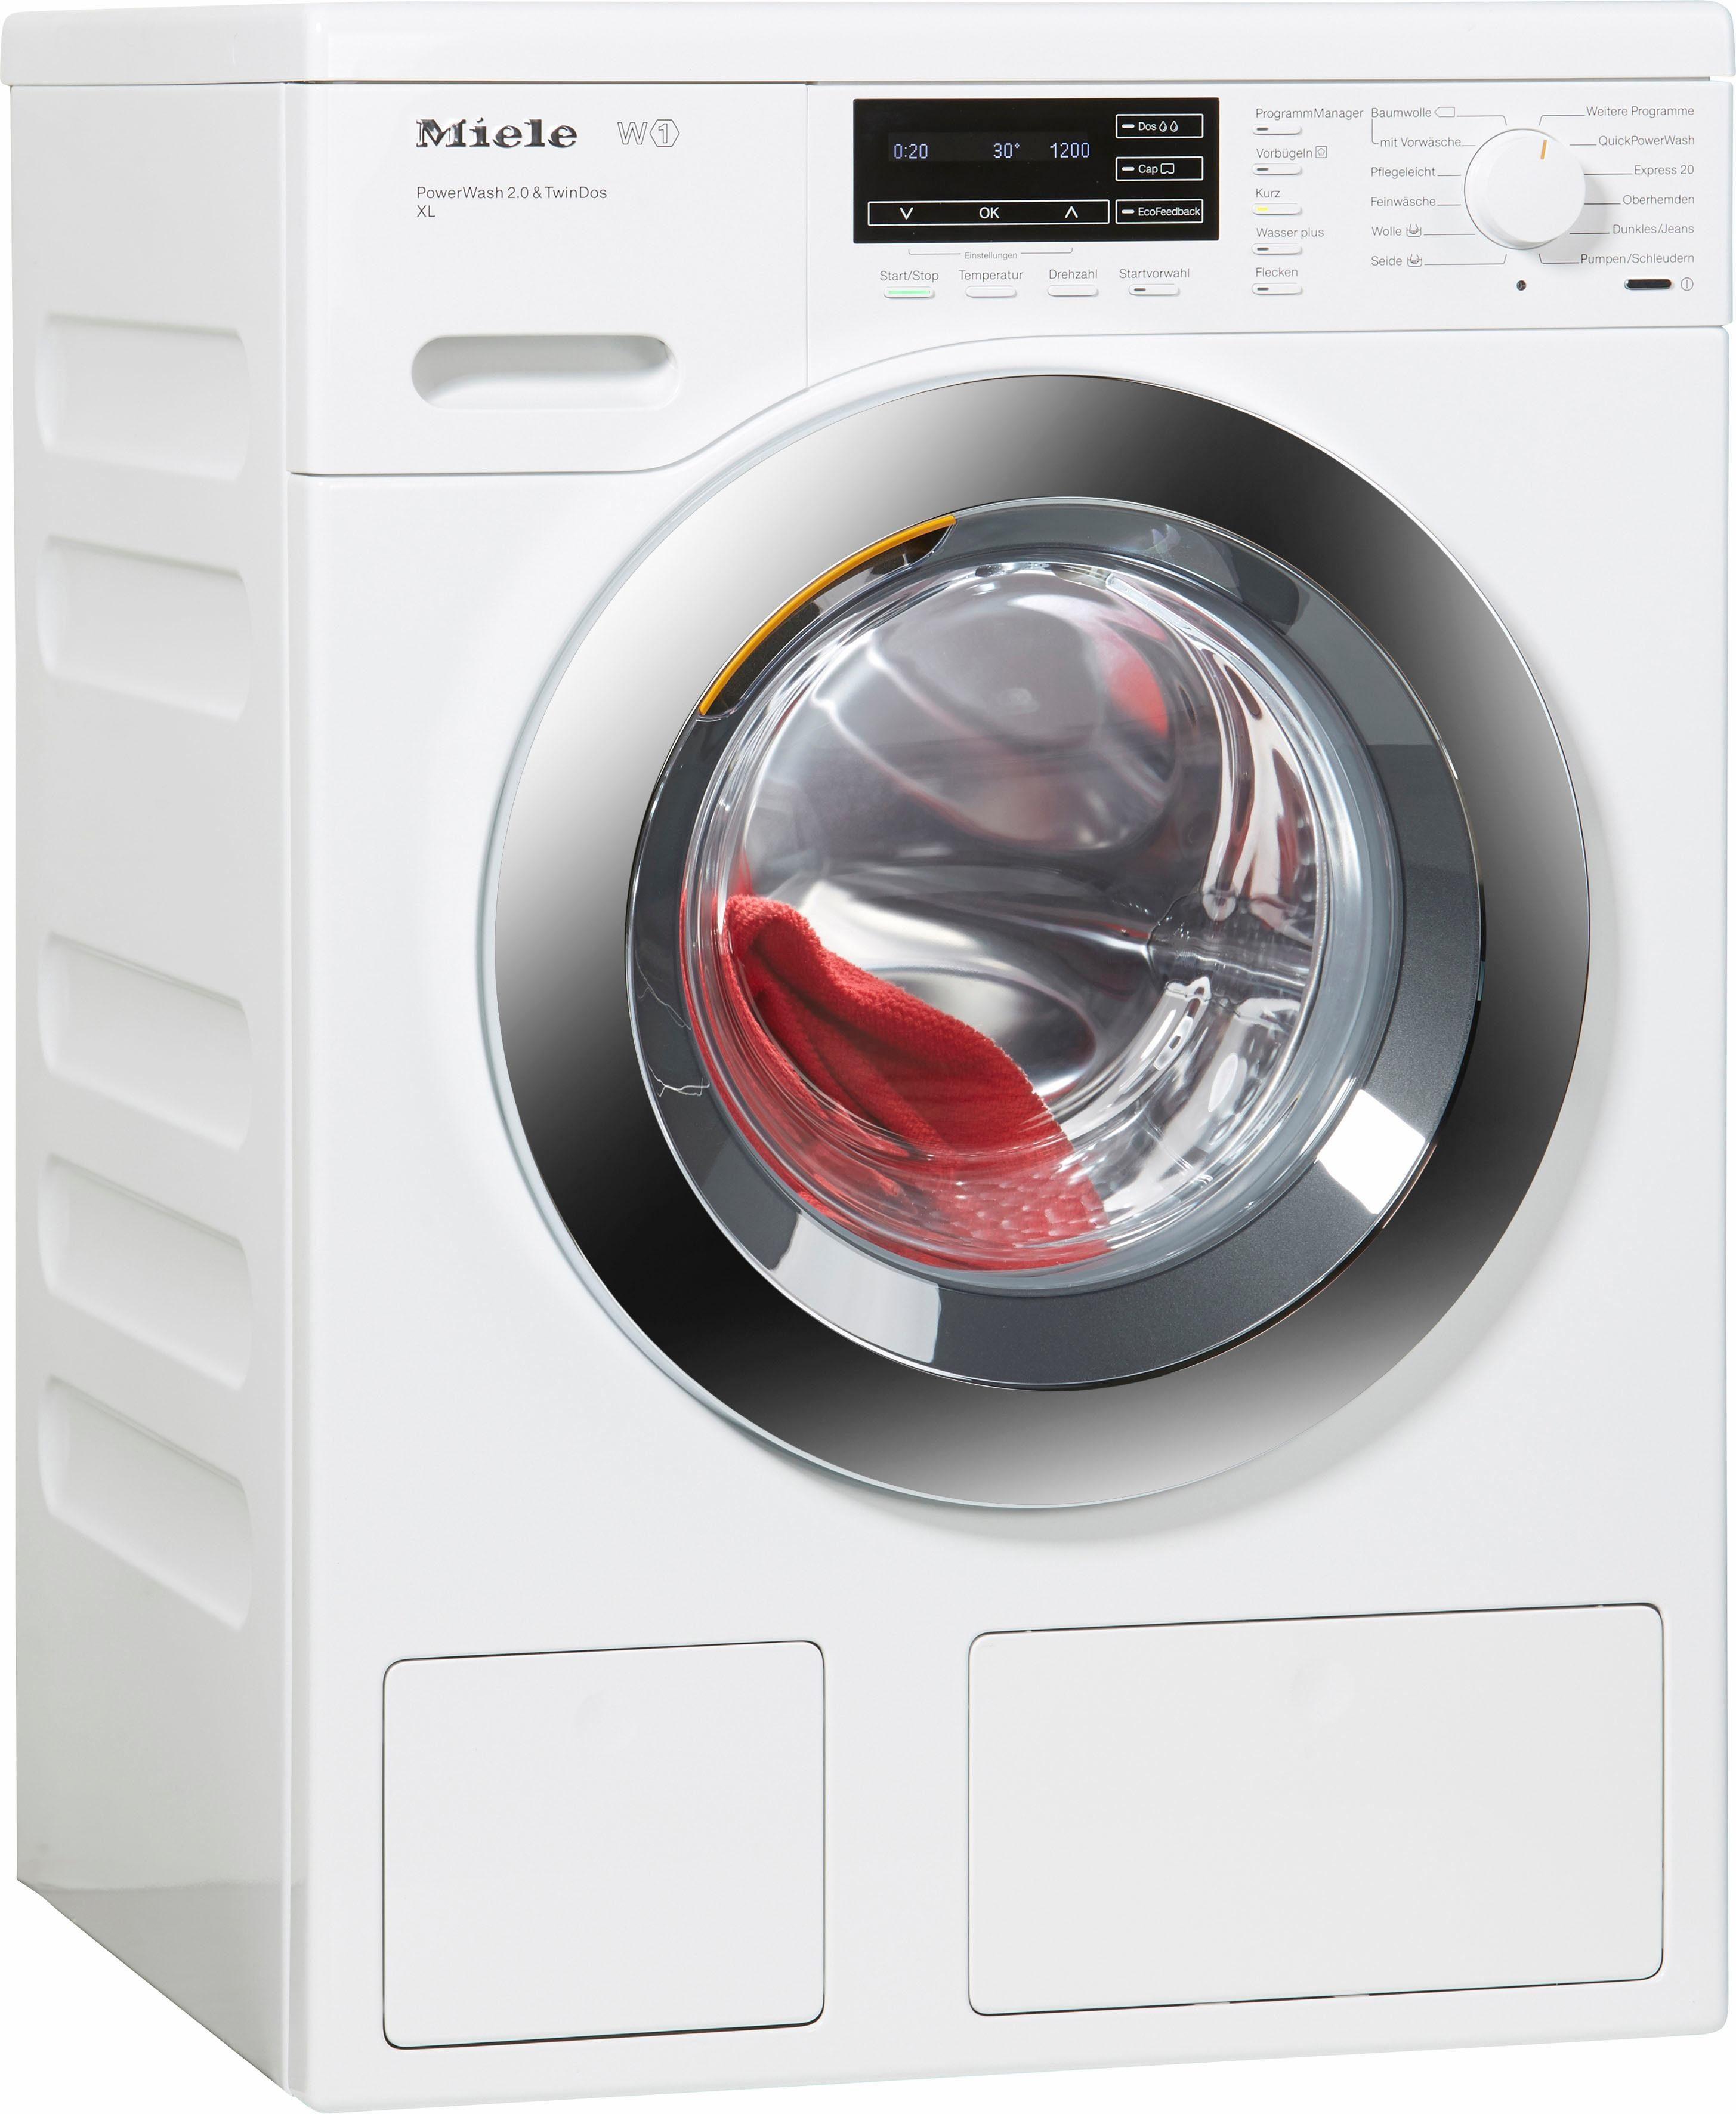 MIELE Waschmaschine WKH122WPS D LW PWash 2.0 & TDos XL, A+++, 9 kg, 1600 U/Min